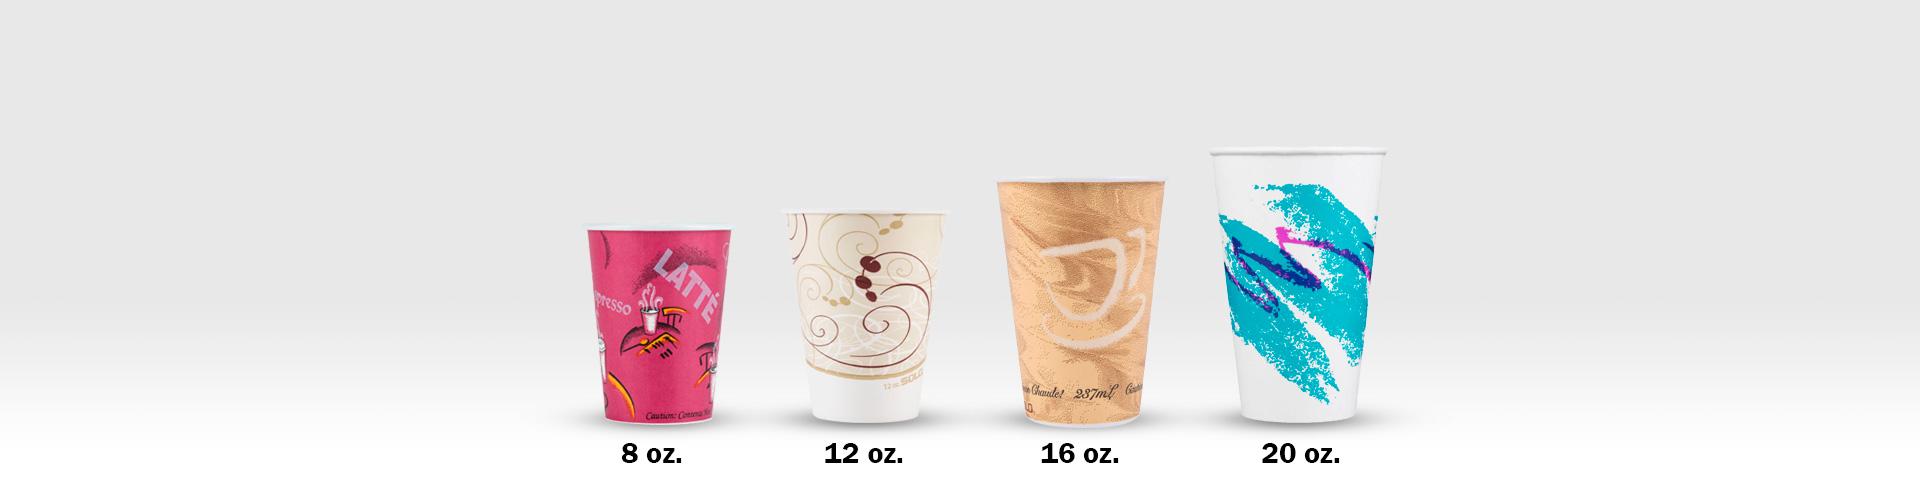 Sopa Helado Almuerzo para Llevar TOROTON 25 Piezas Kraft Vasos de Papel de la Sopa con Las Tapas 946ml Vasos org/ánicos desechable Biodegradable